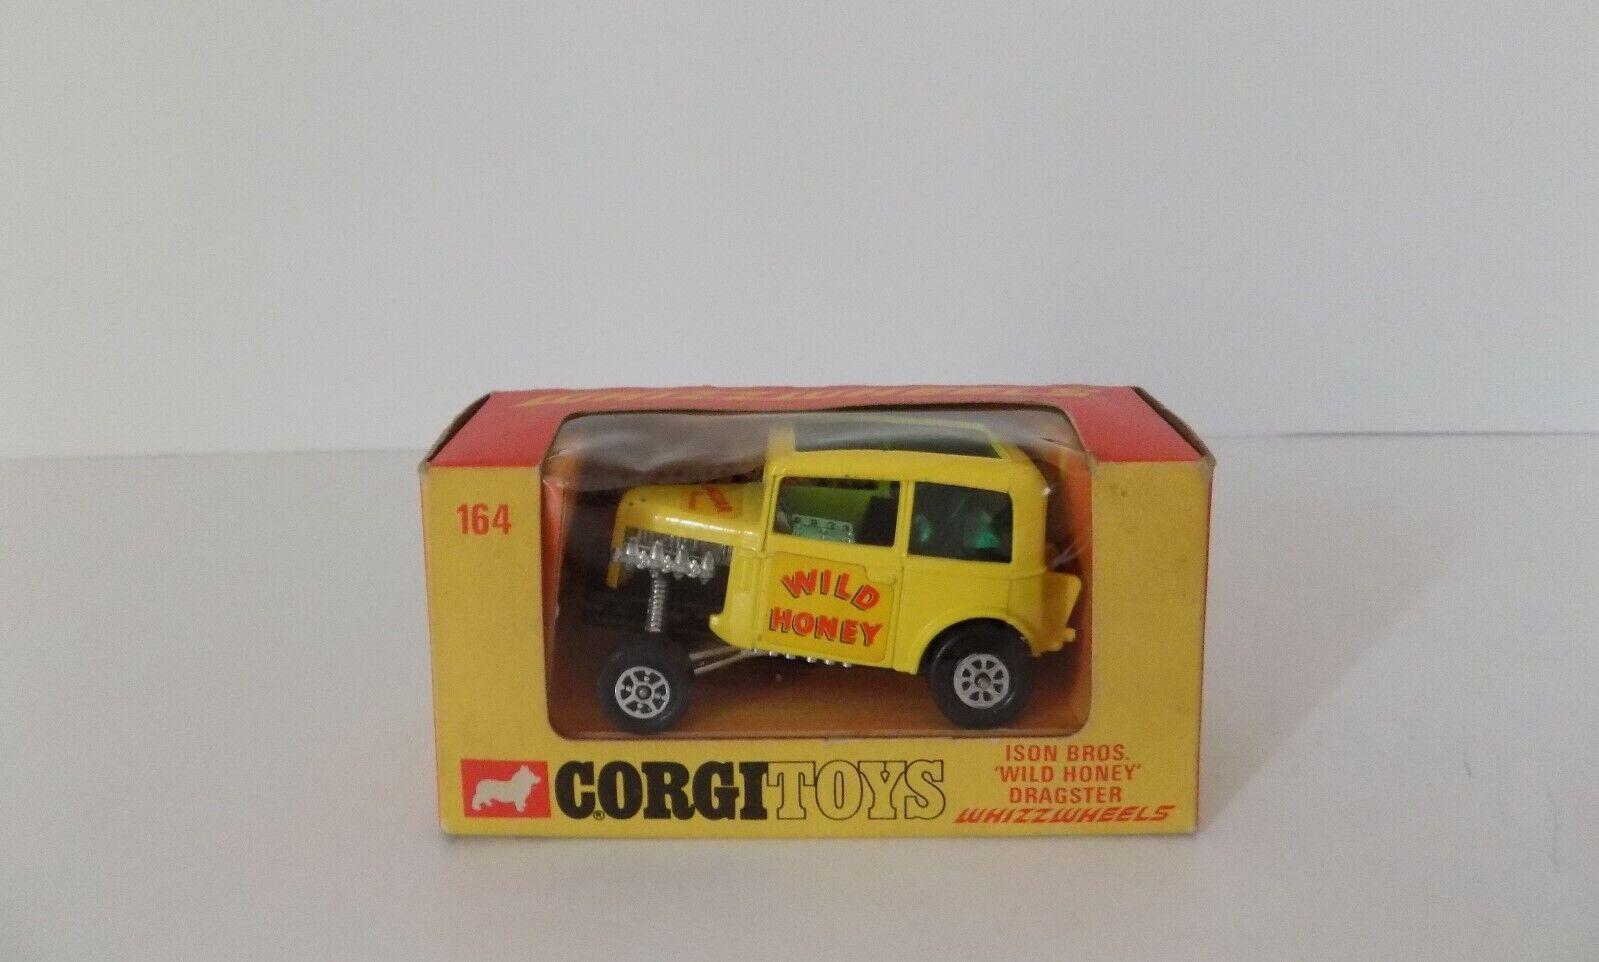 CORGI TOYS WHIZZWHEELS ISON BROS WILD HONEY DRAGSTER EXCELLENT BOXED